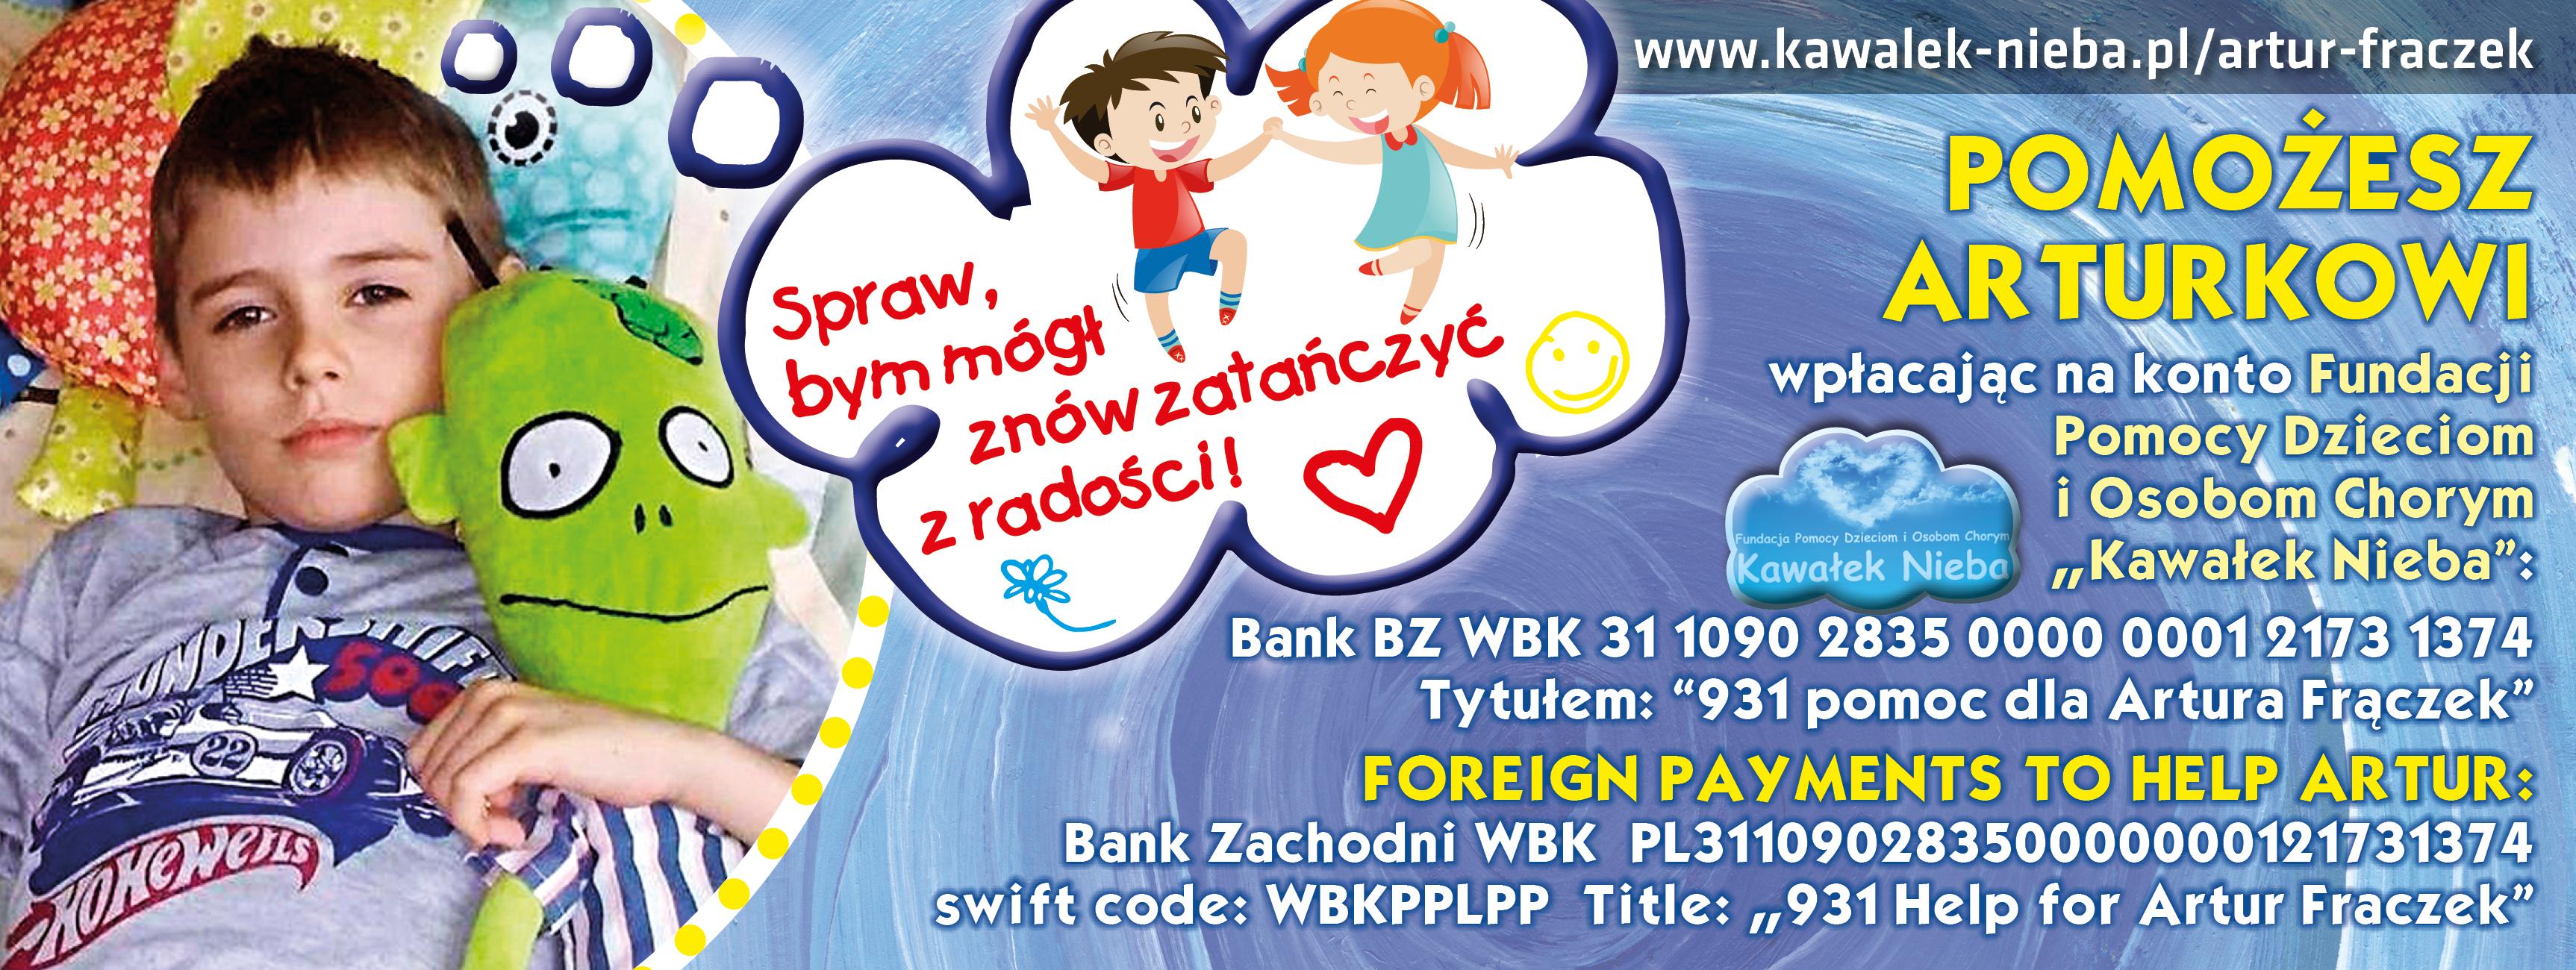 baner_fb_arturek fraczek_1